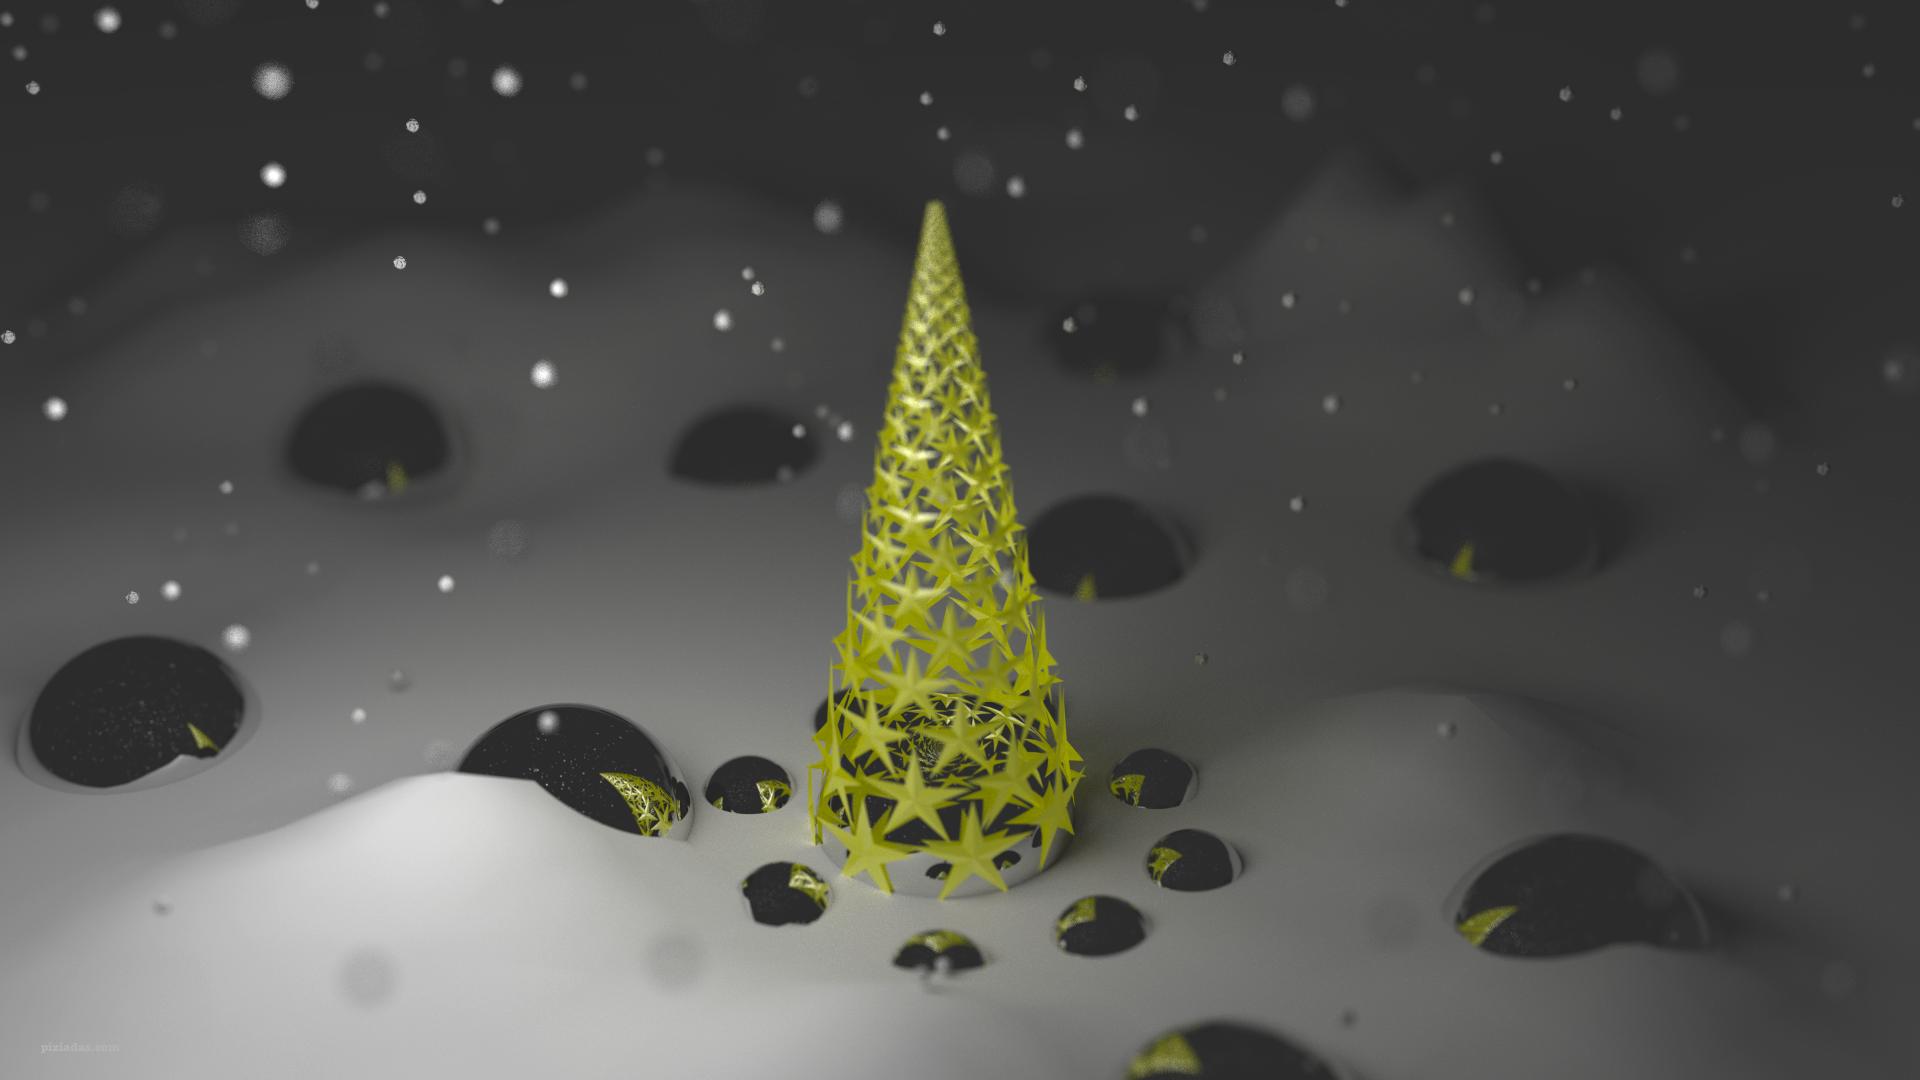 Tumblr Fondos De Pantalla De Navidad: Wallpaper: Natale 2013 (X) : 2014 [ Imagen 1920×1080 HDTV